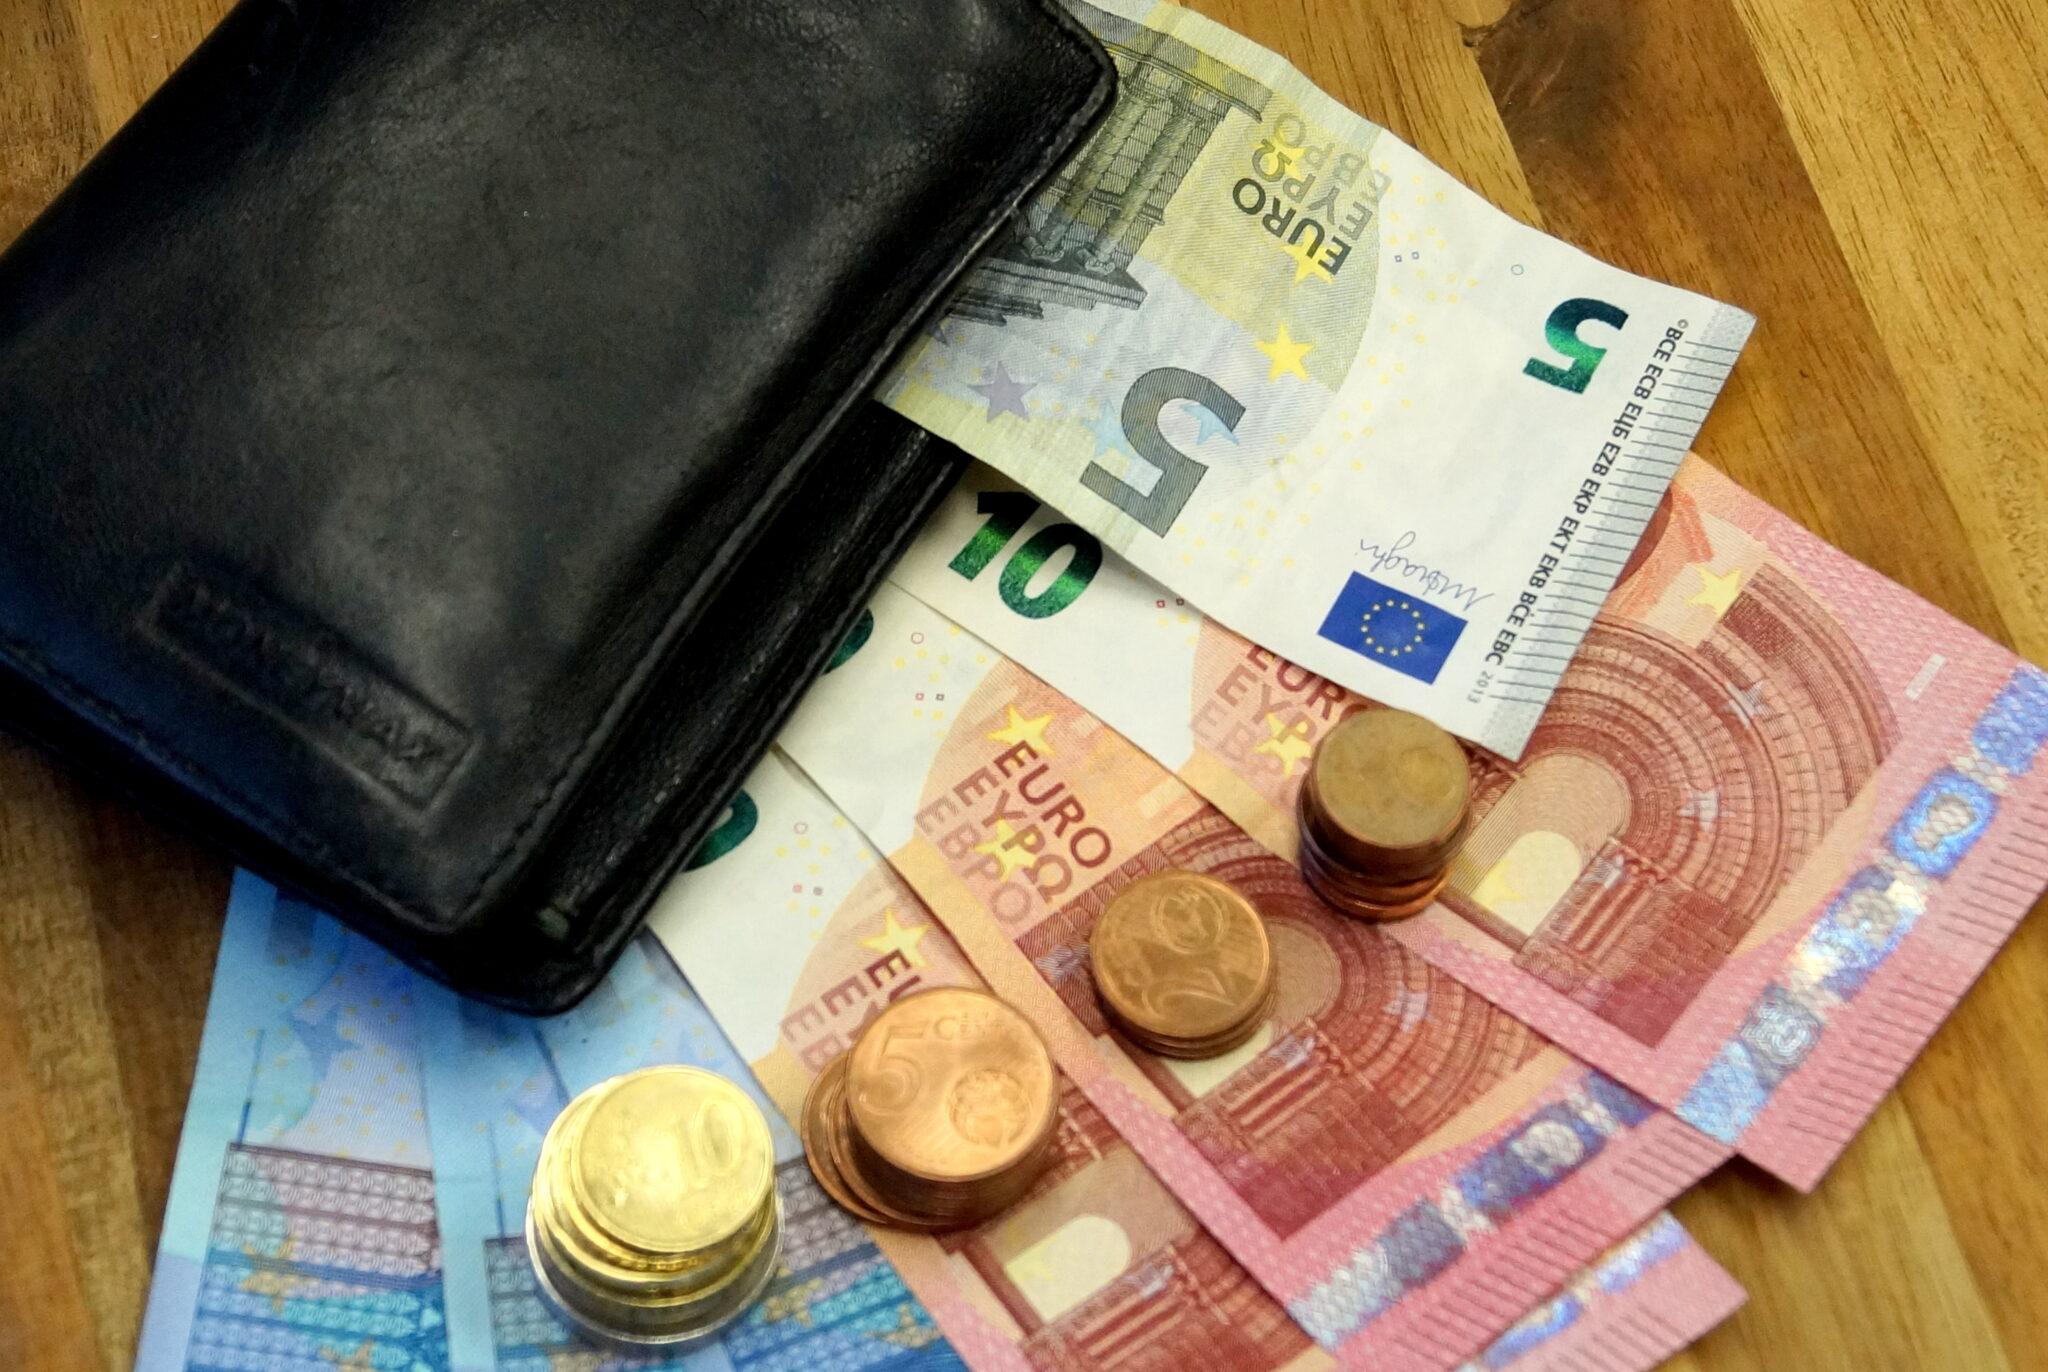 Geld und Portemonnaie - Aufnahme von oben